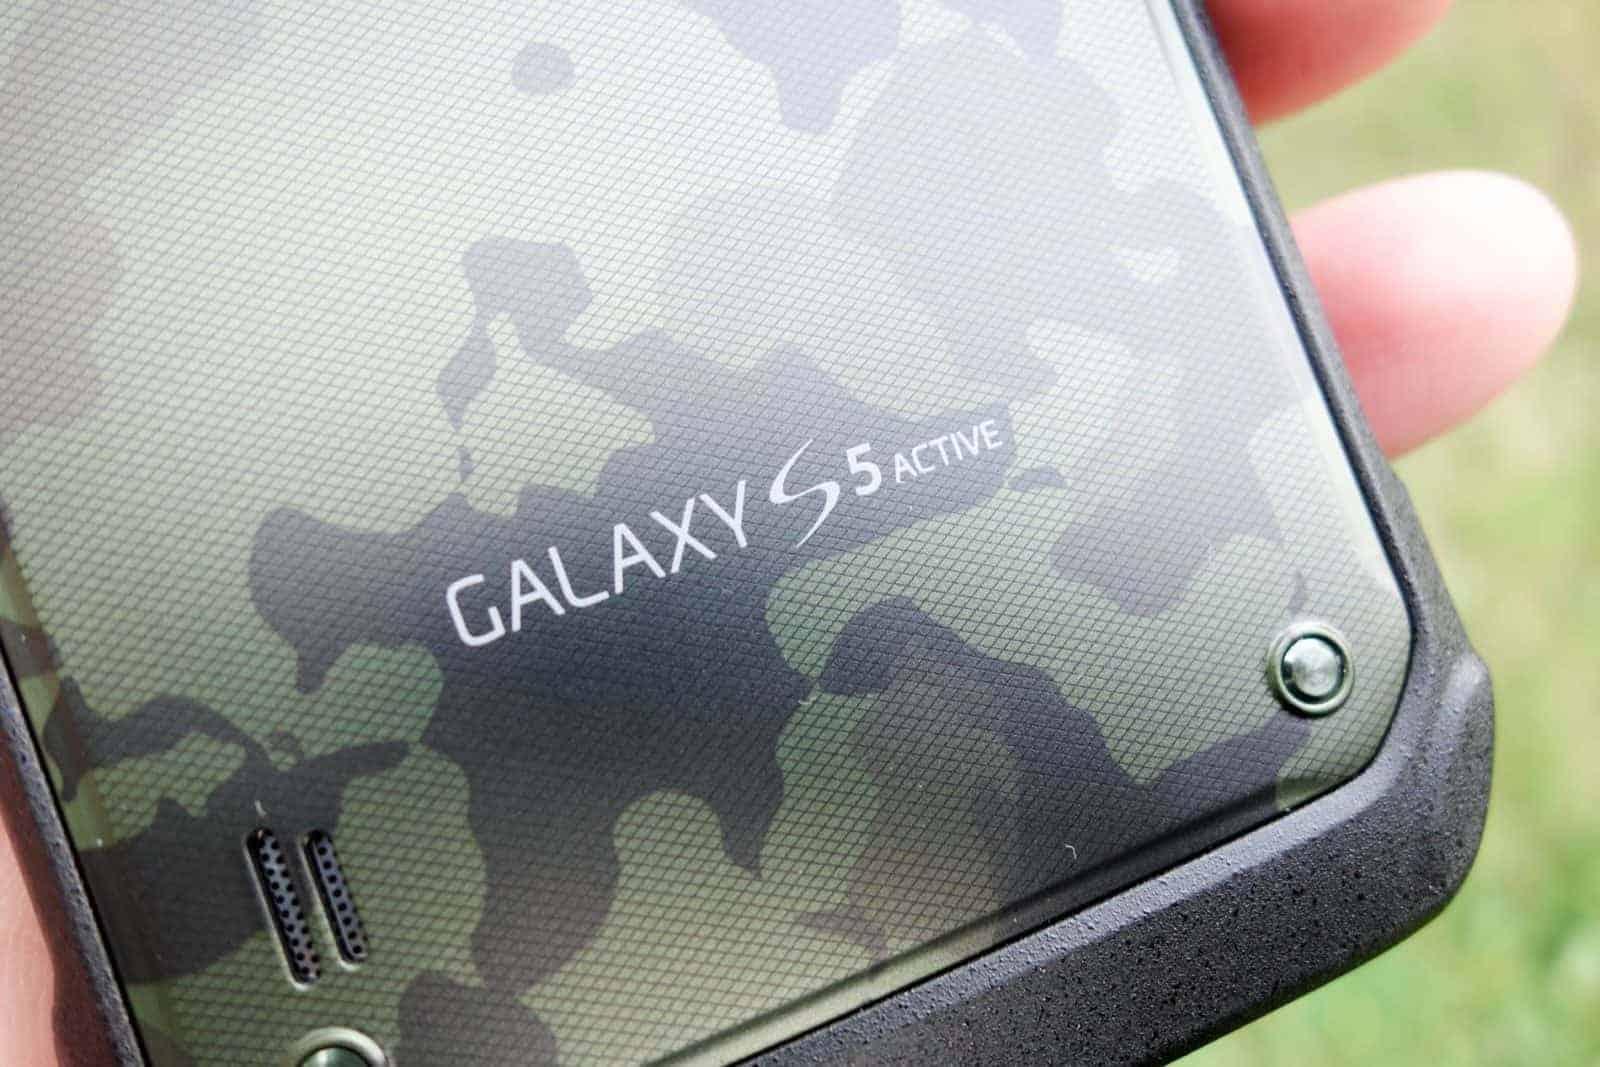 Samsung-Galaxy-S5-Active-AH-36